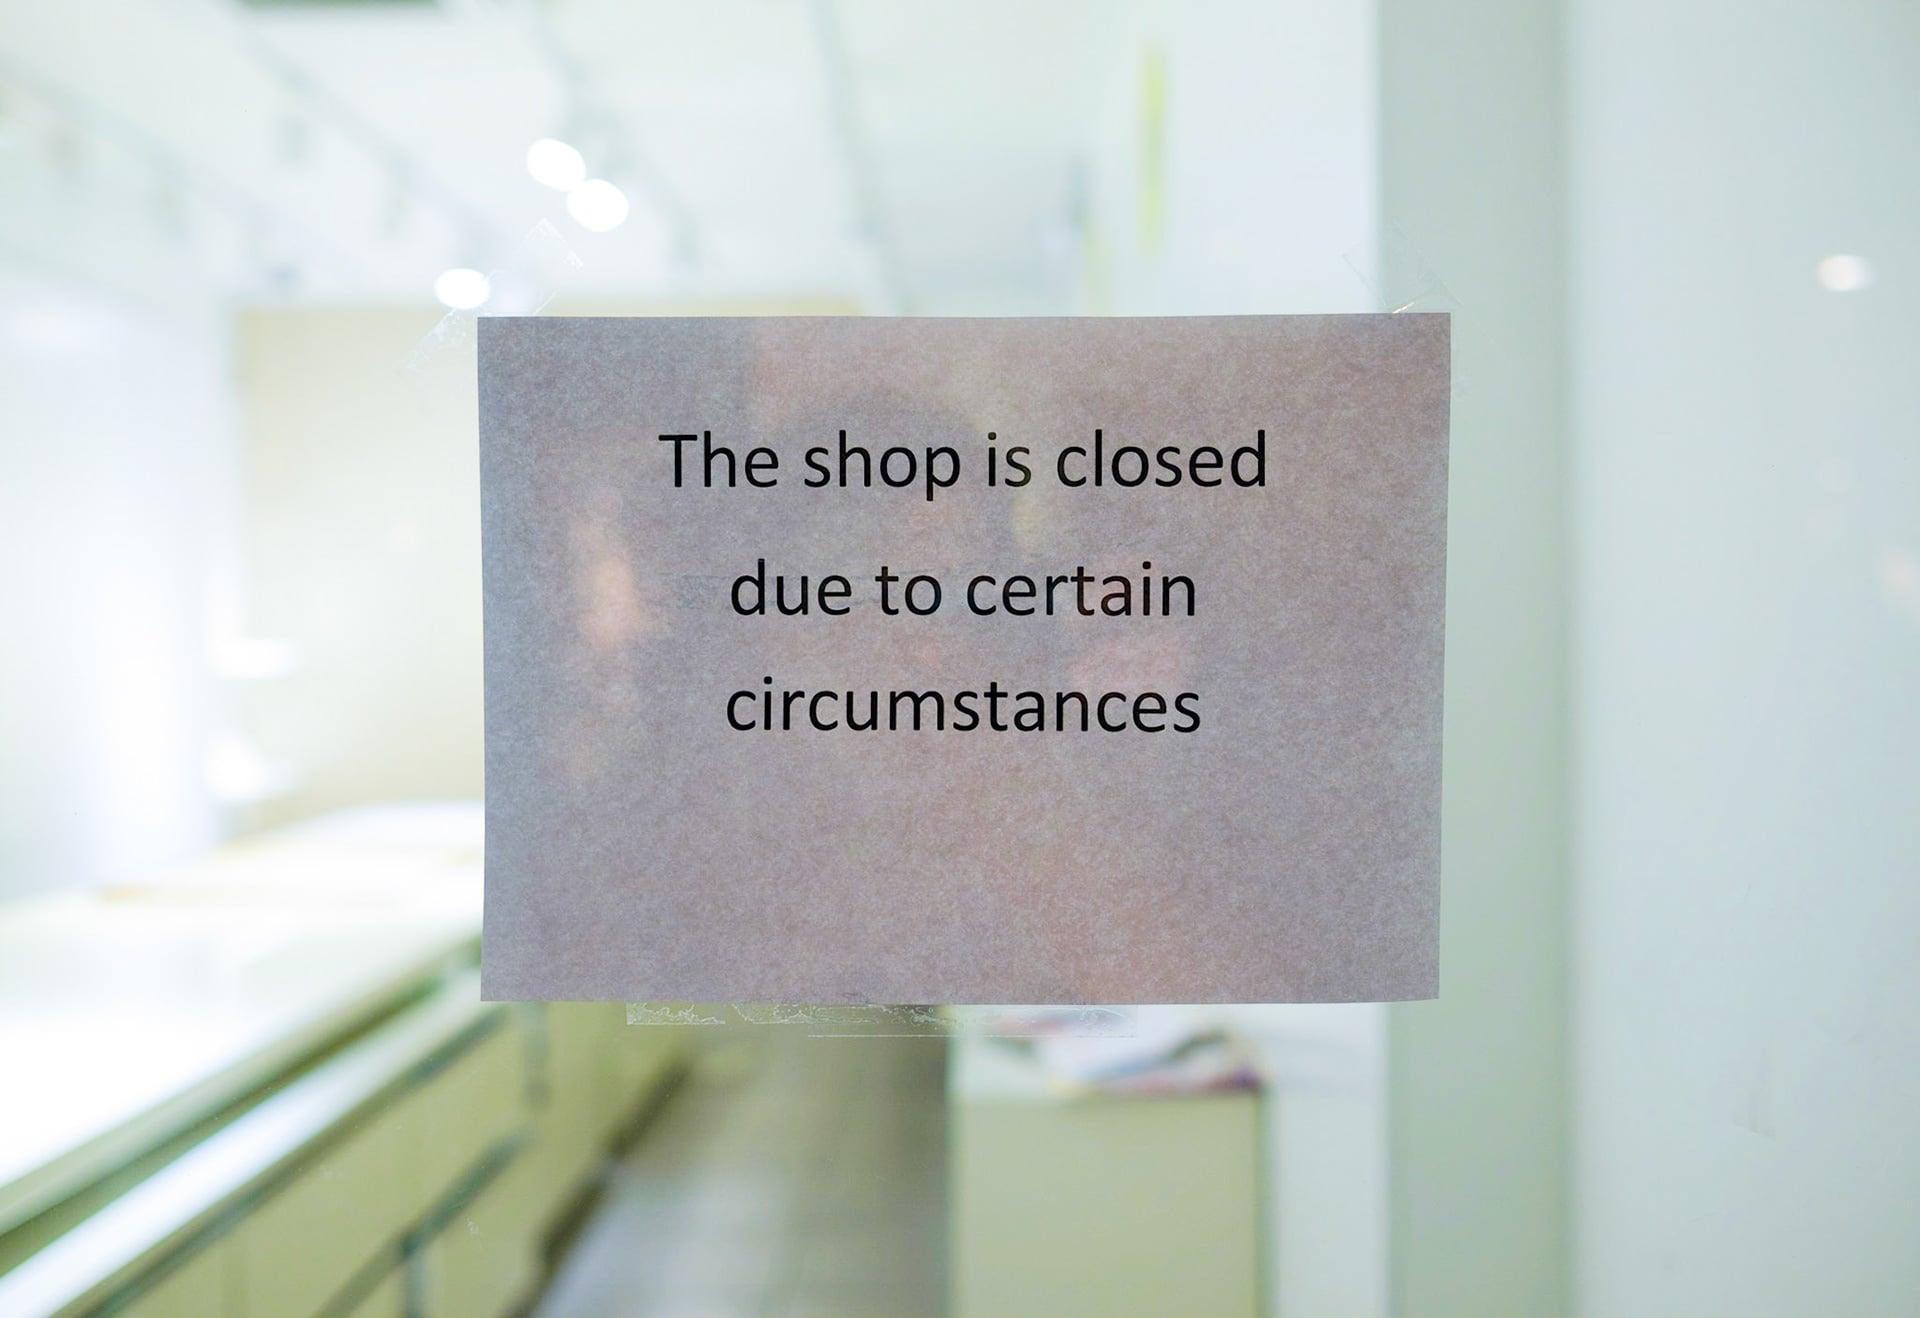 Englischsprachiger Aushang weist auf Ladenschließung aus besonderen Gründen hin.